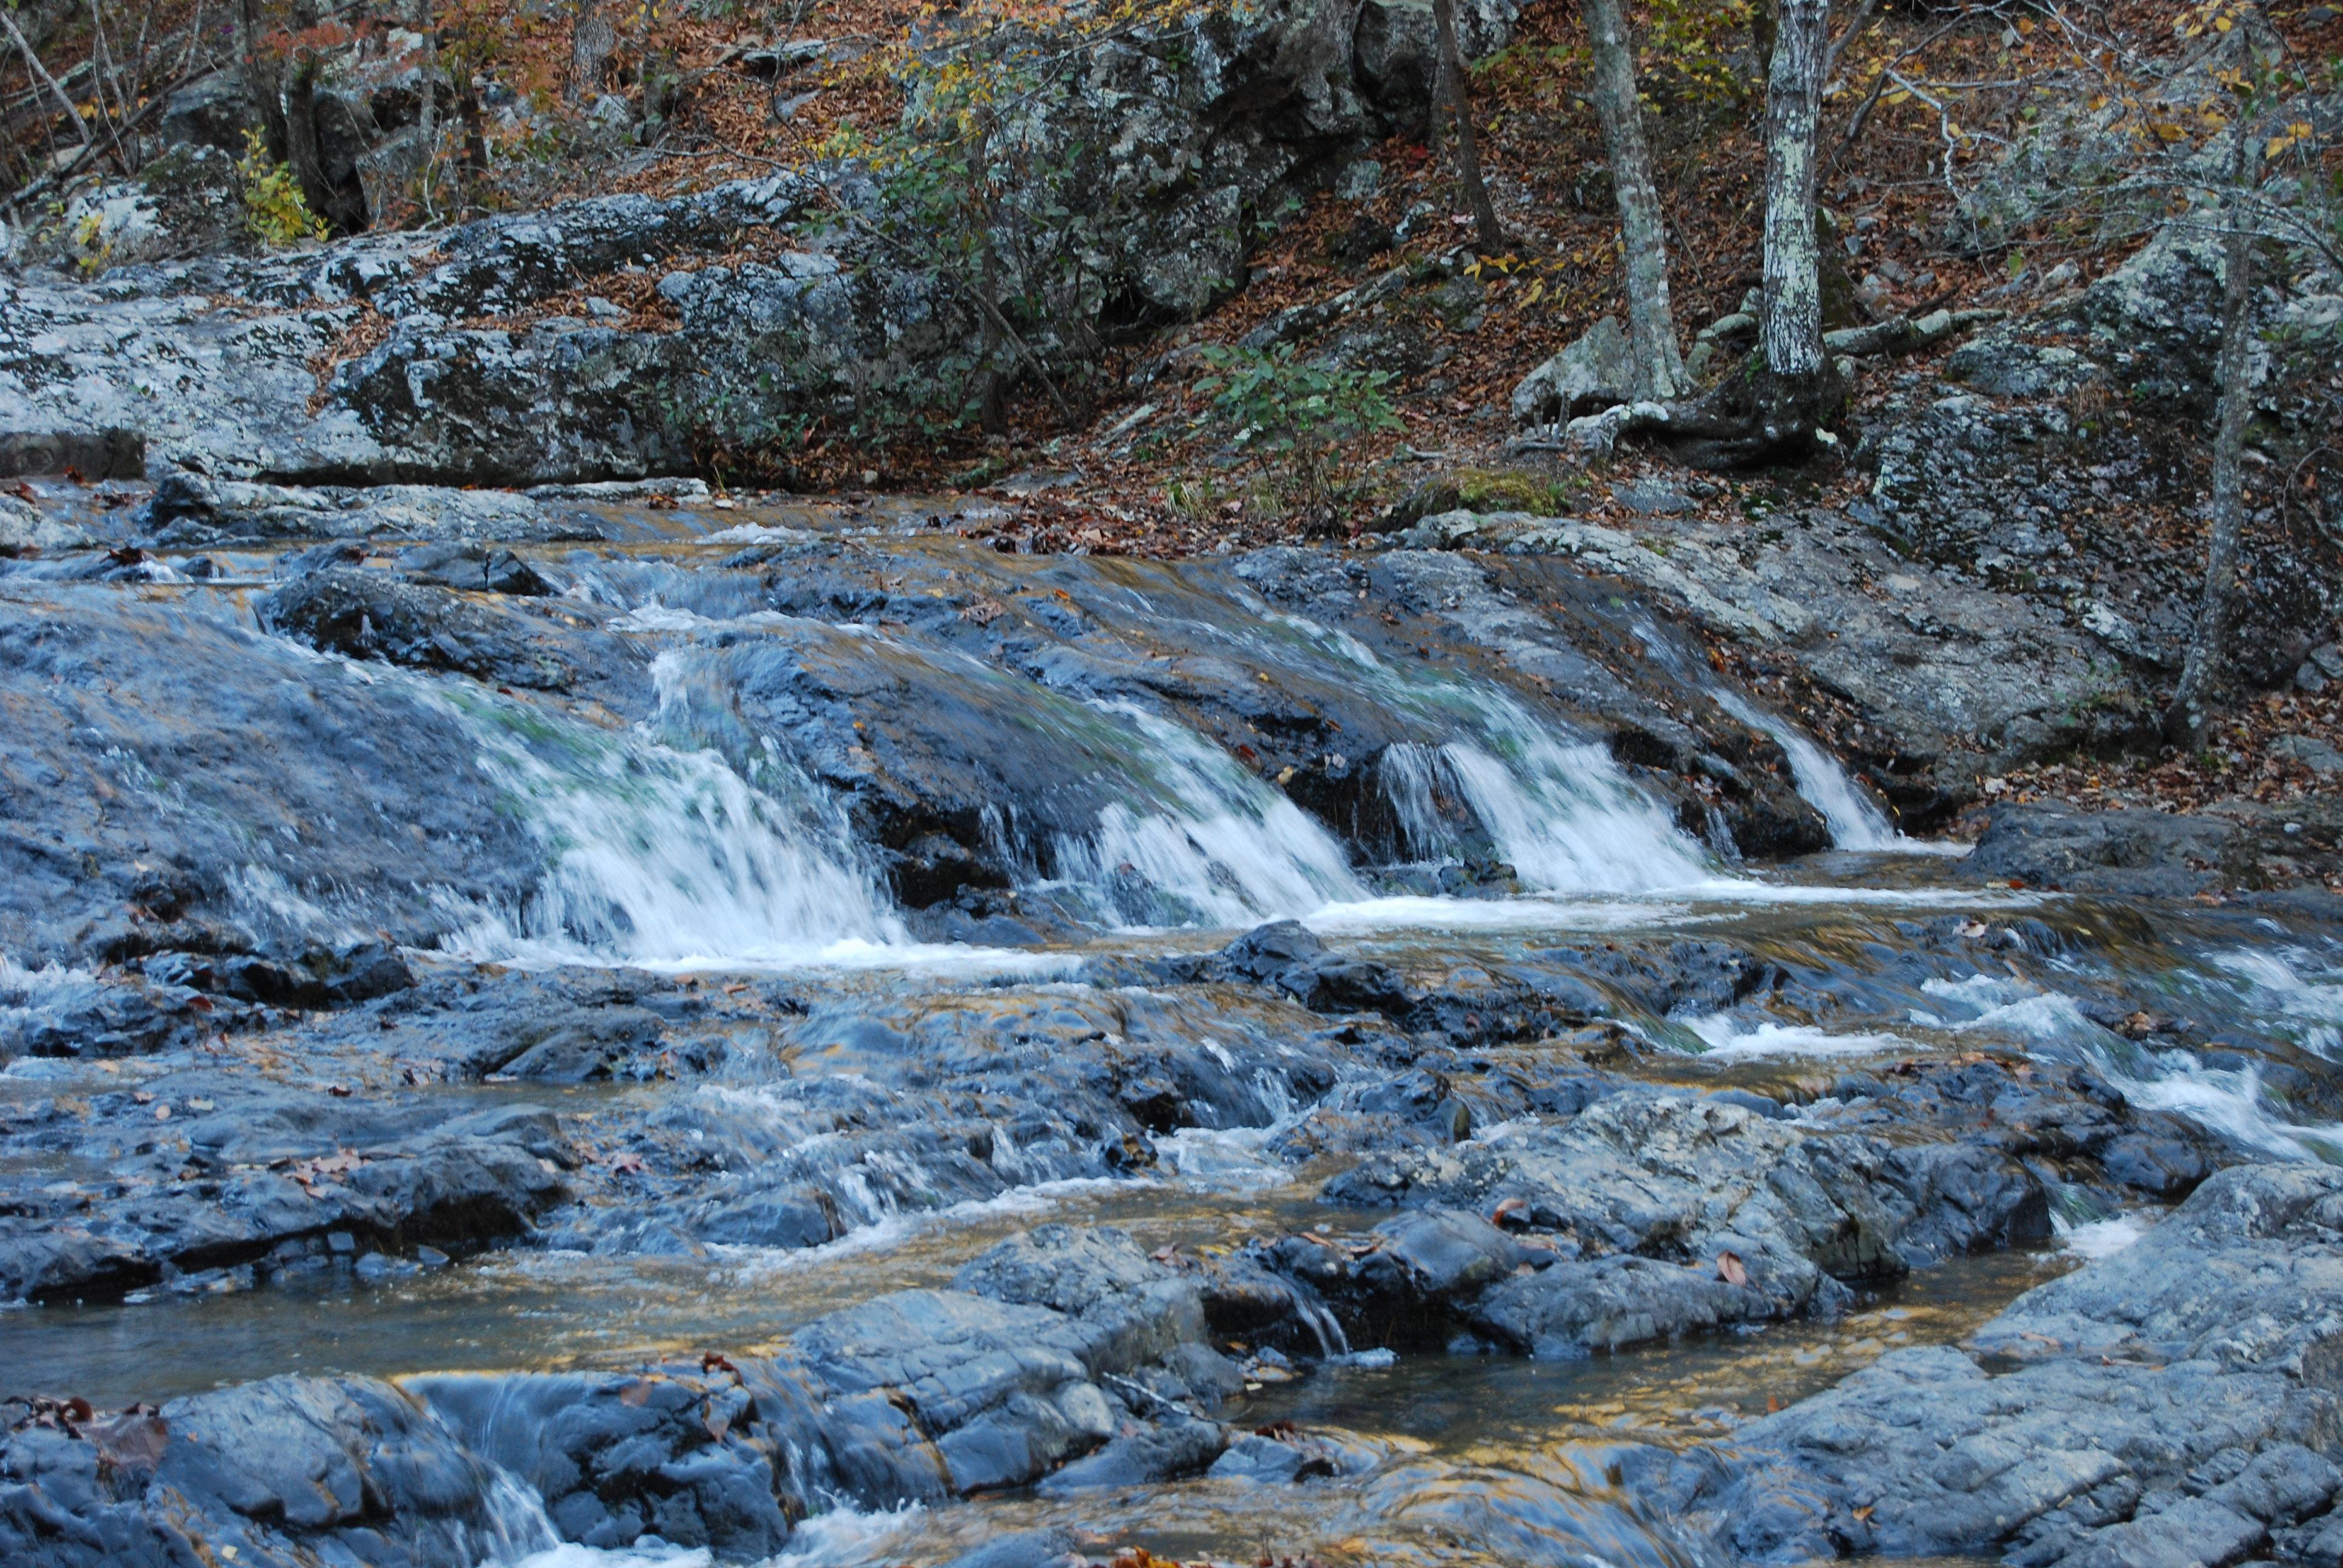 Triple falls at Little Missouri Falls